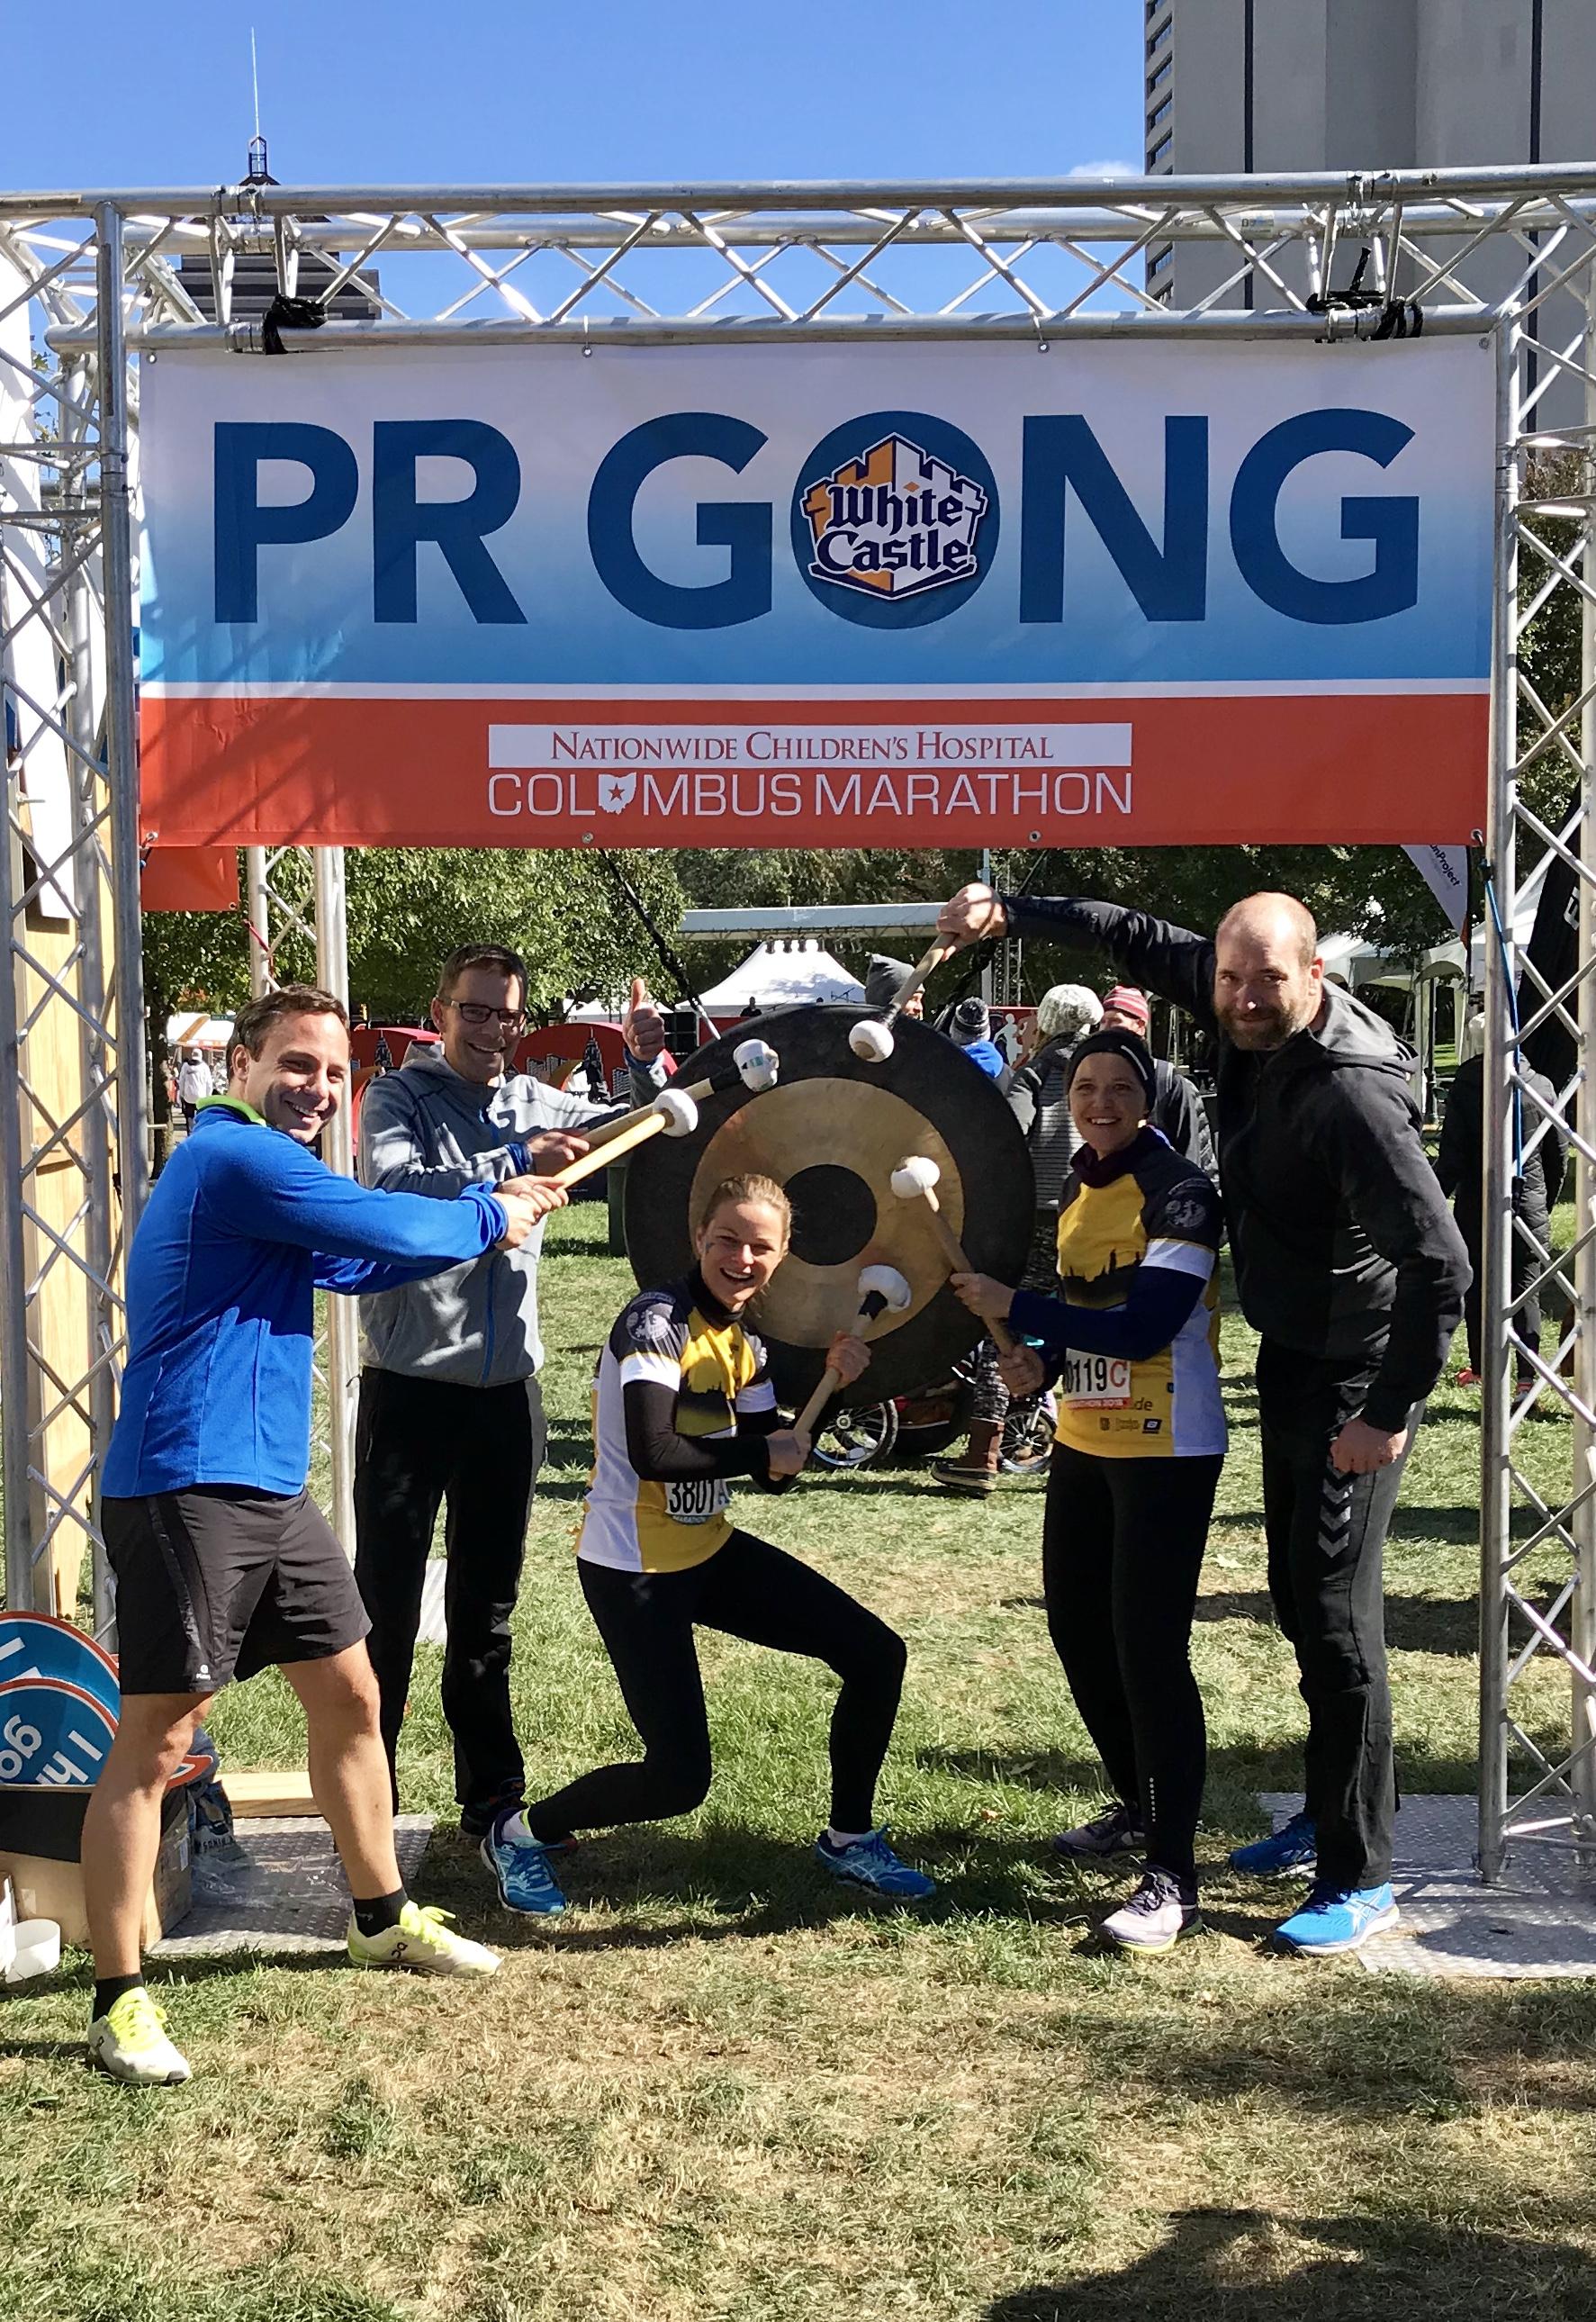 Ausschreibung für Marathon in Columbus